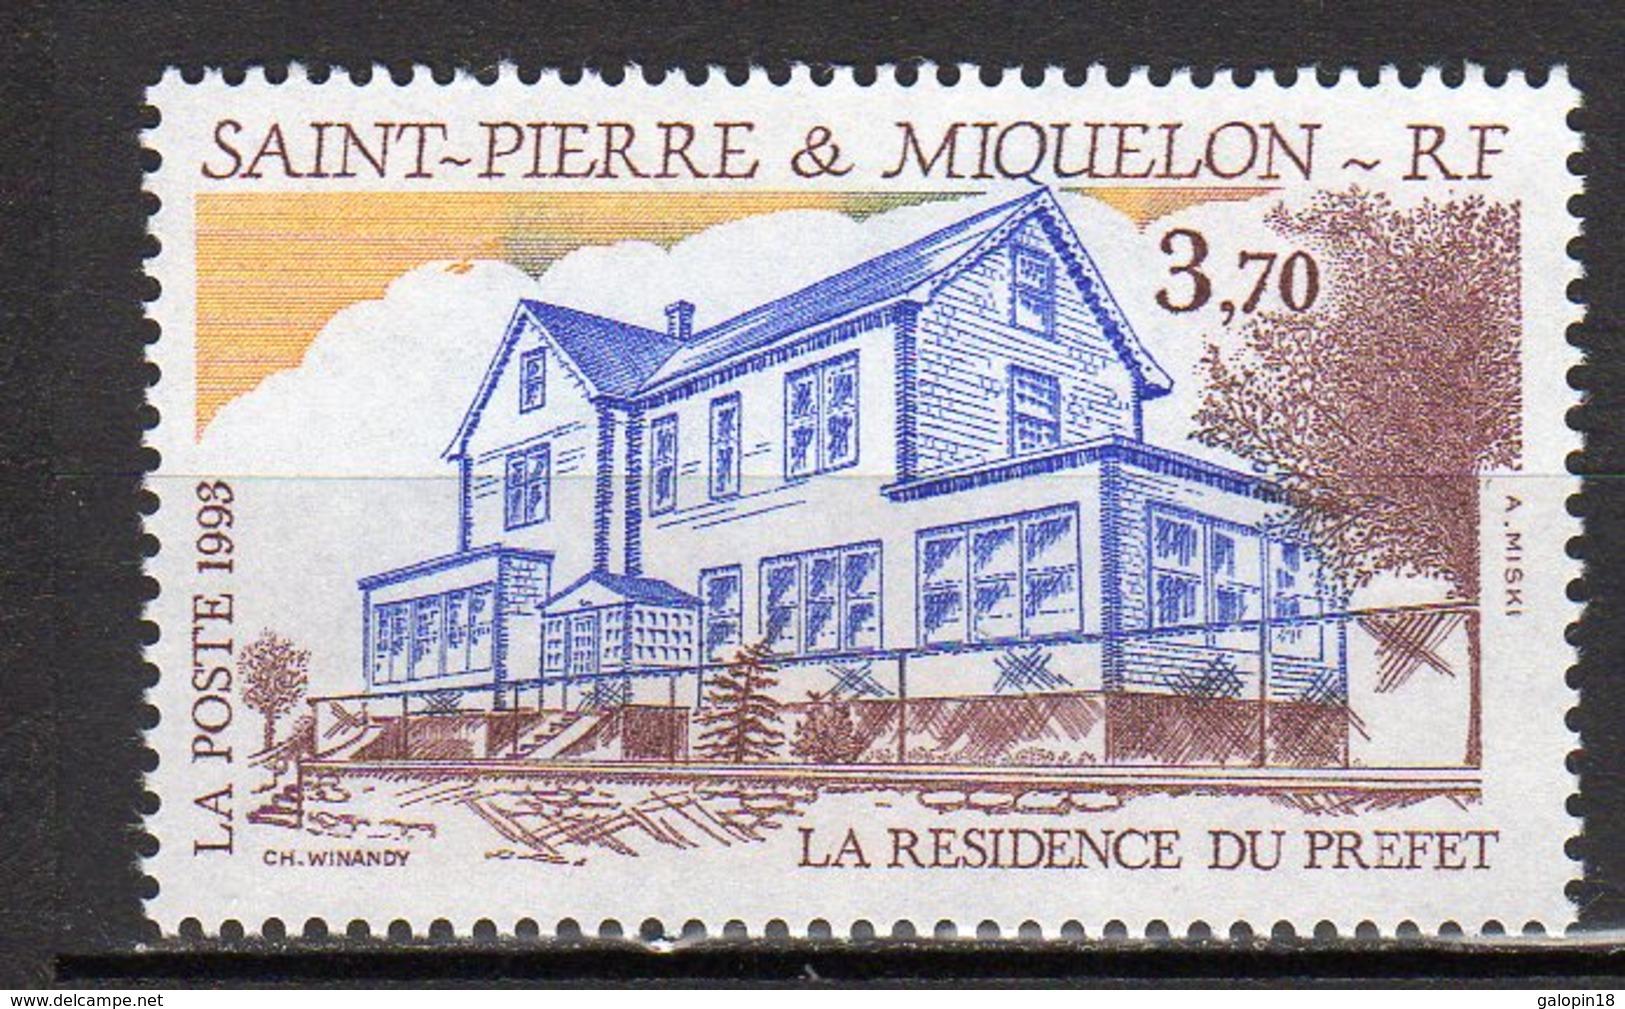 Saint-Pierre Et Miquelon Yvert N° 584 Neuf La Résidence Du Préfet Lot 22-89 - Ungebraucht